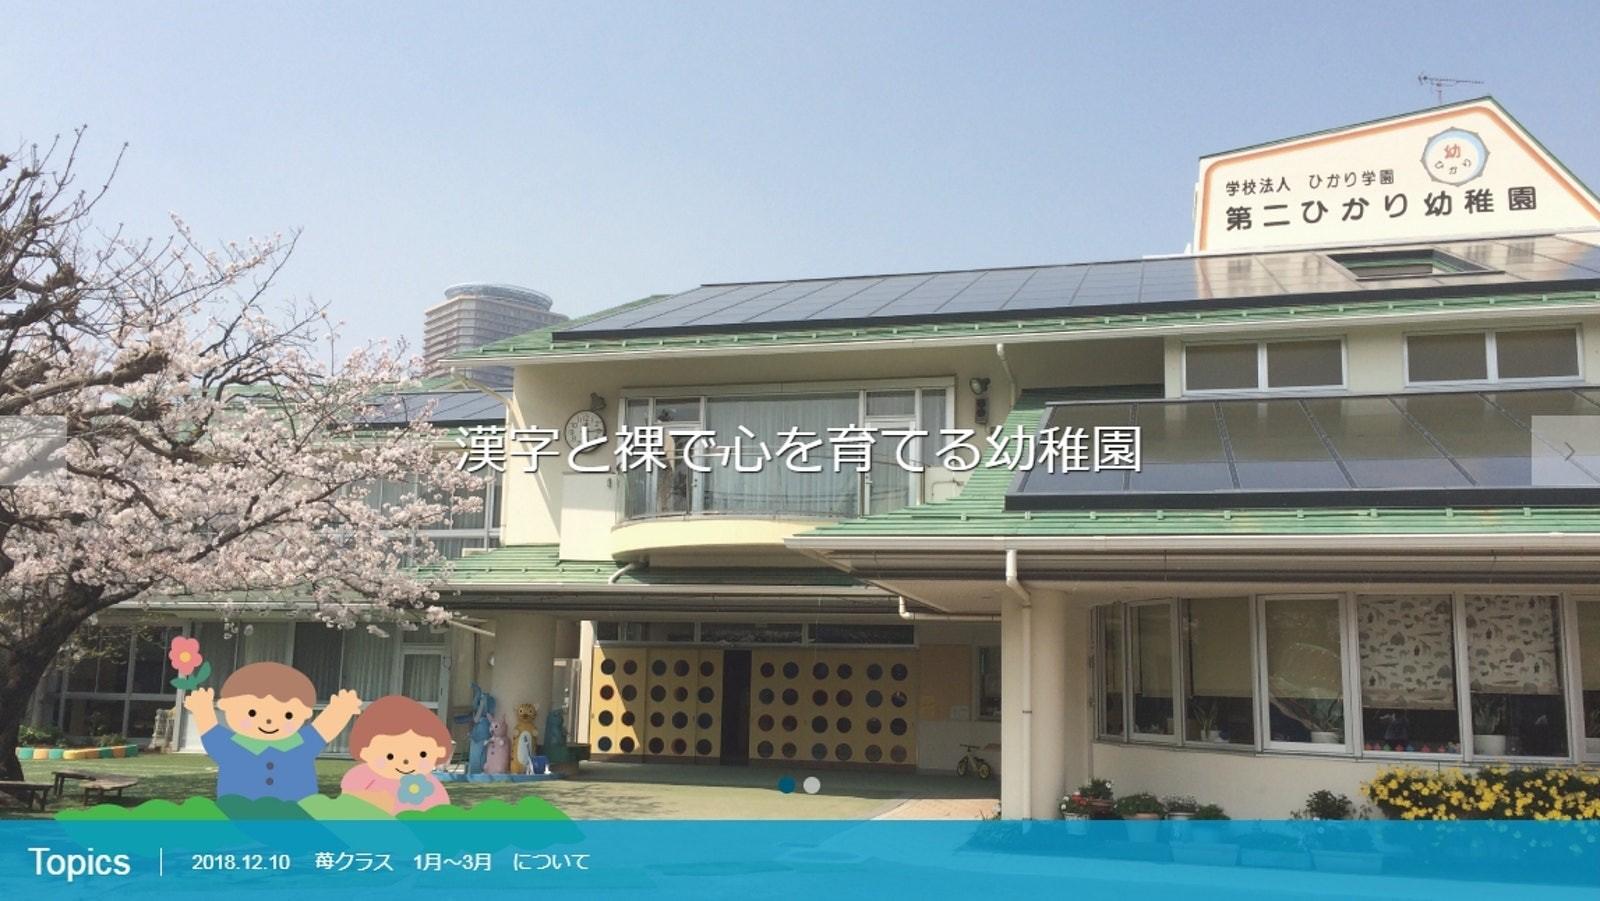 Giáo dục cởi trần - phương pháp kỳ lạ bắt học sinh không mặc áo suốt 40 năm tại một trường học ở Nhật Bản-2